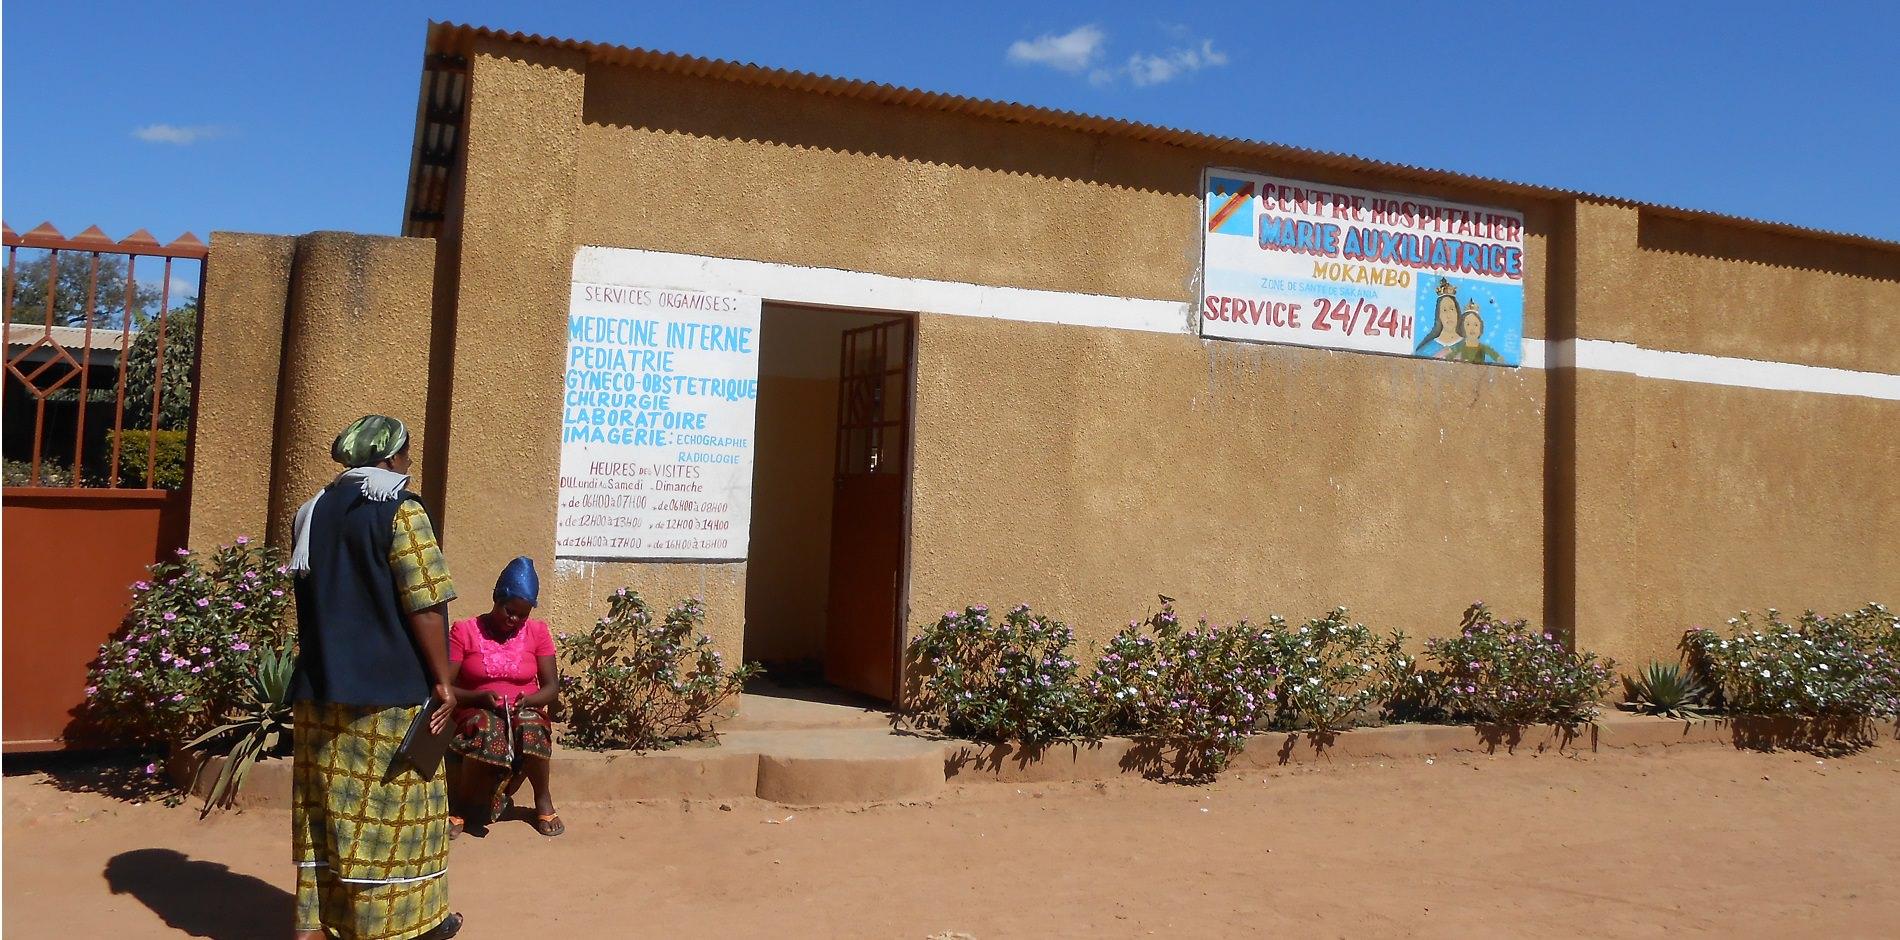 Finalizado el Centro Nutricional de Mokambo (R.D.Congo)